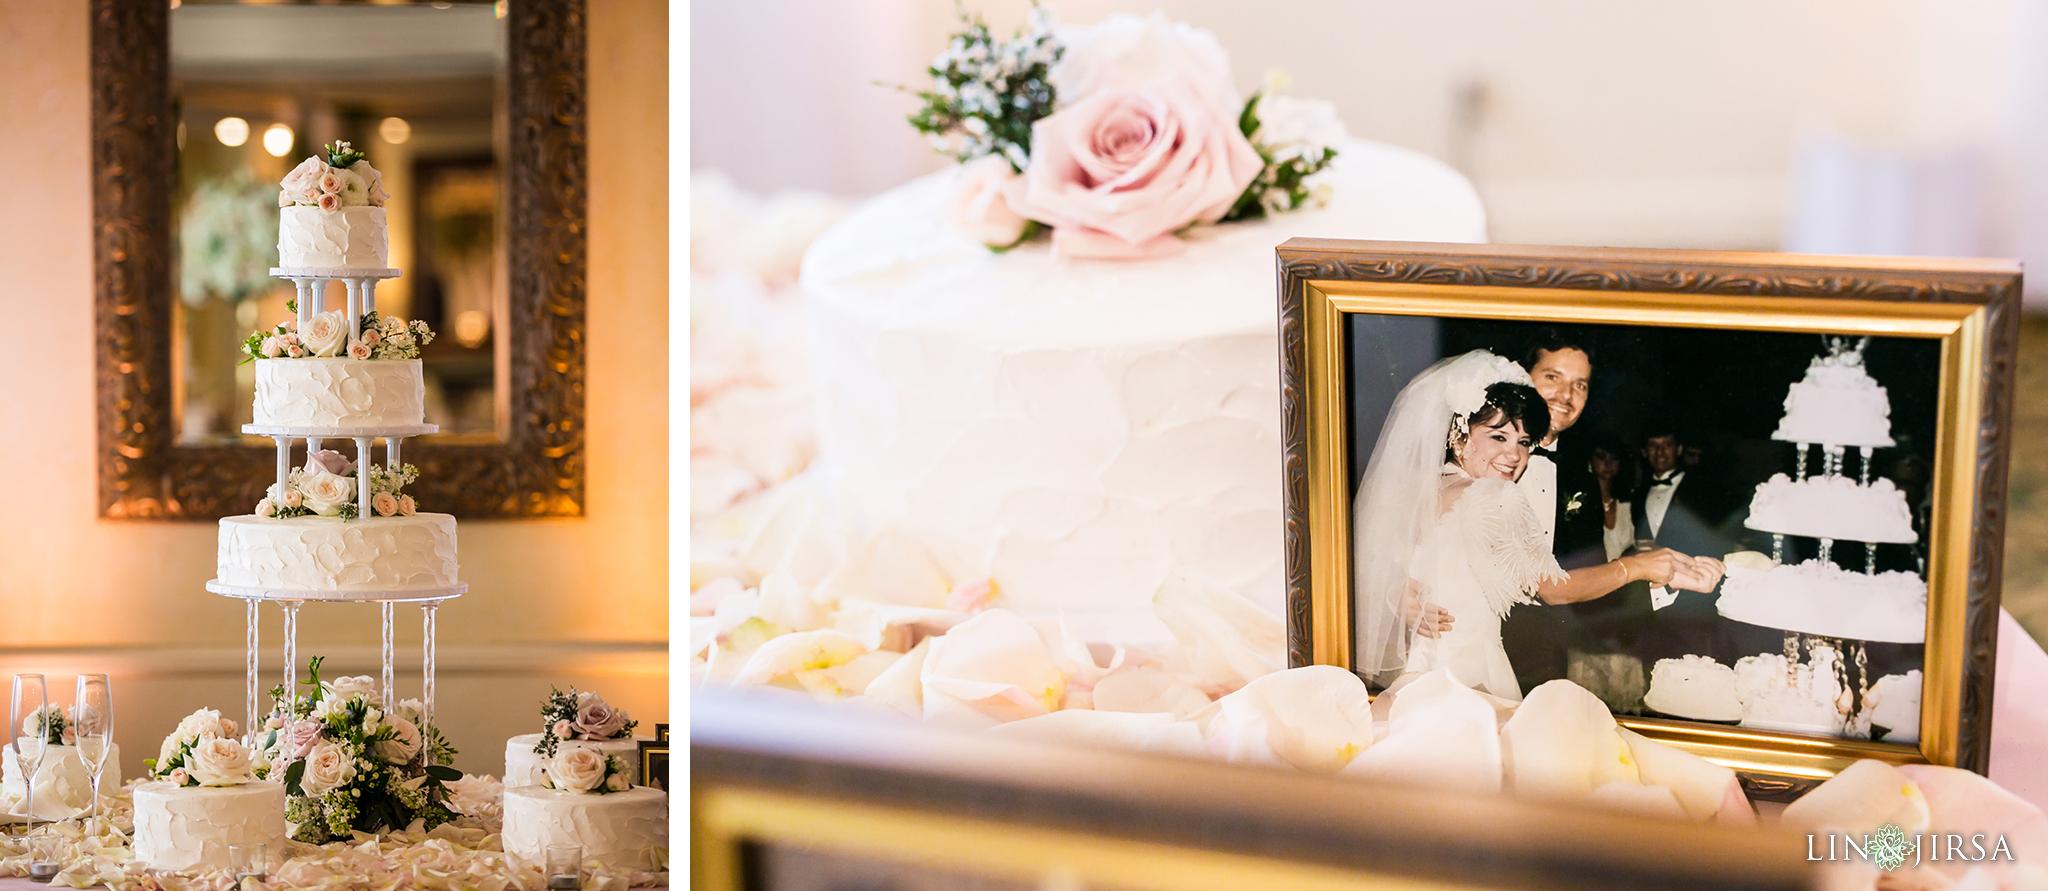 25-calamigos-equestrian-persian-wedding-photography